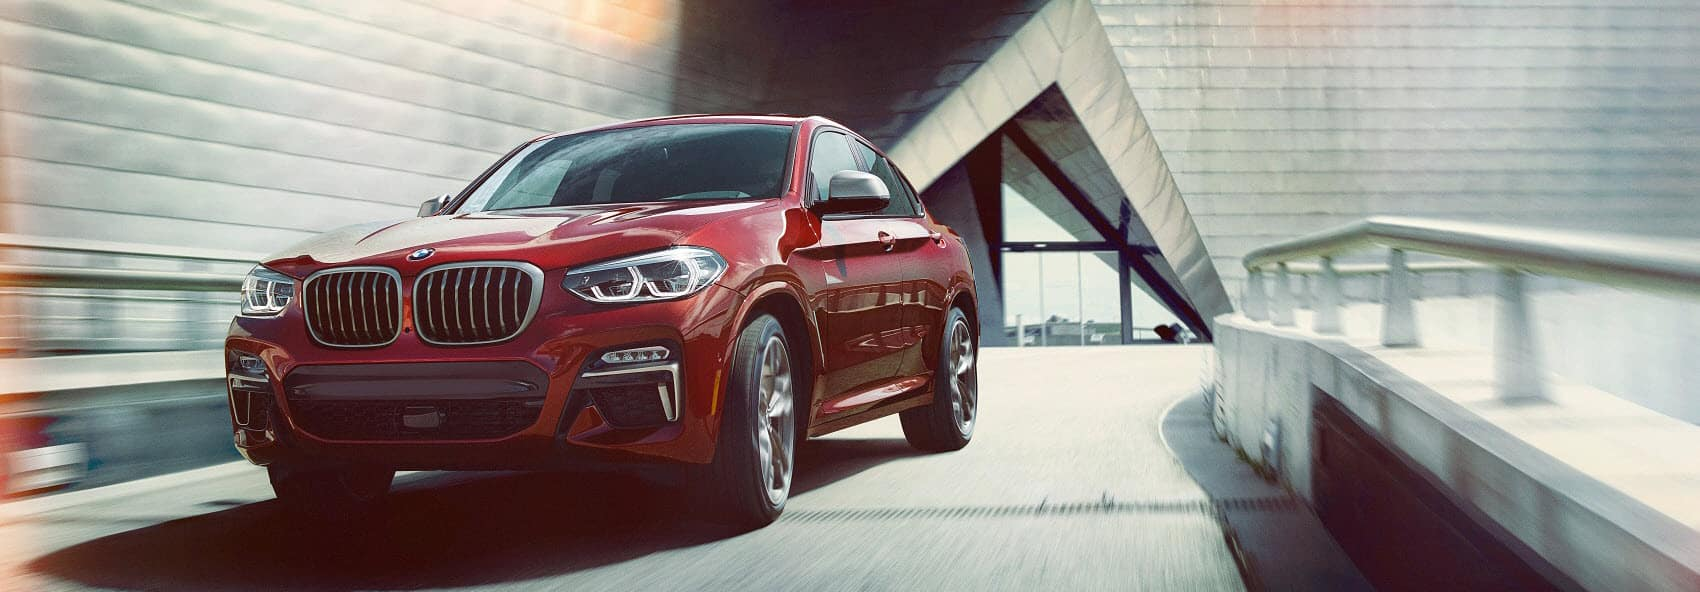 2019 BMW X4 Engine Specs